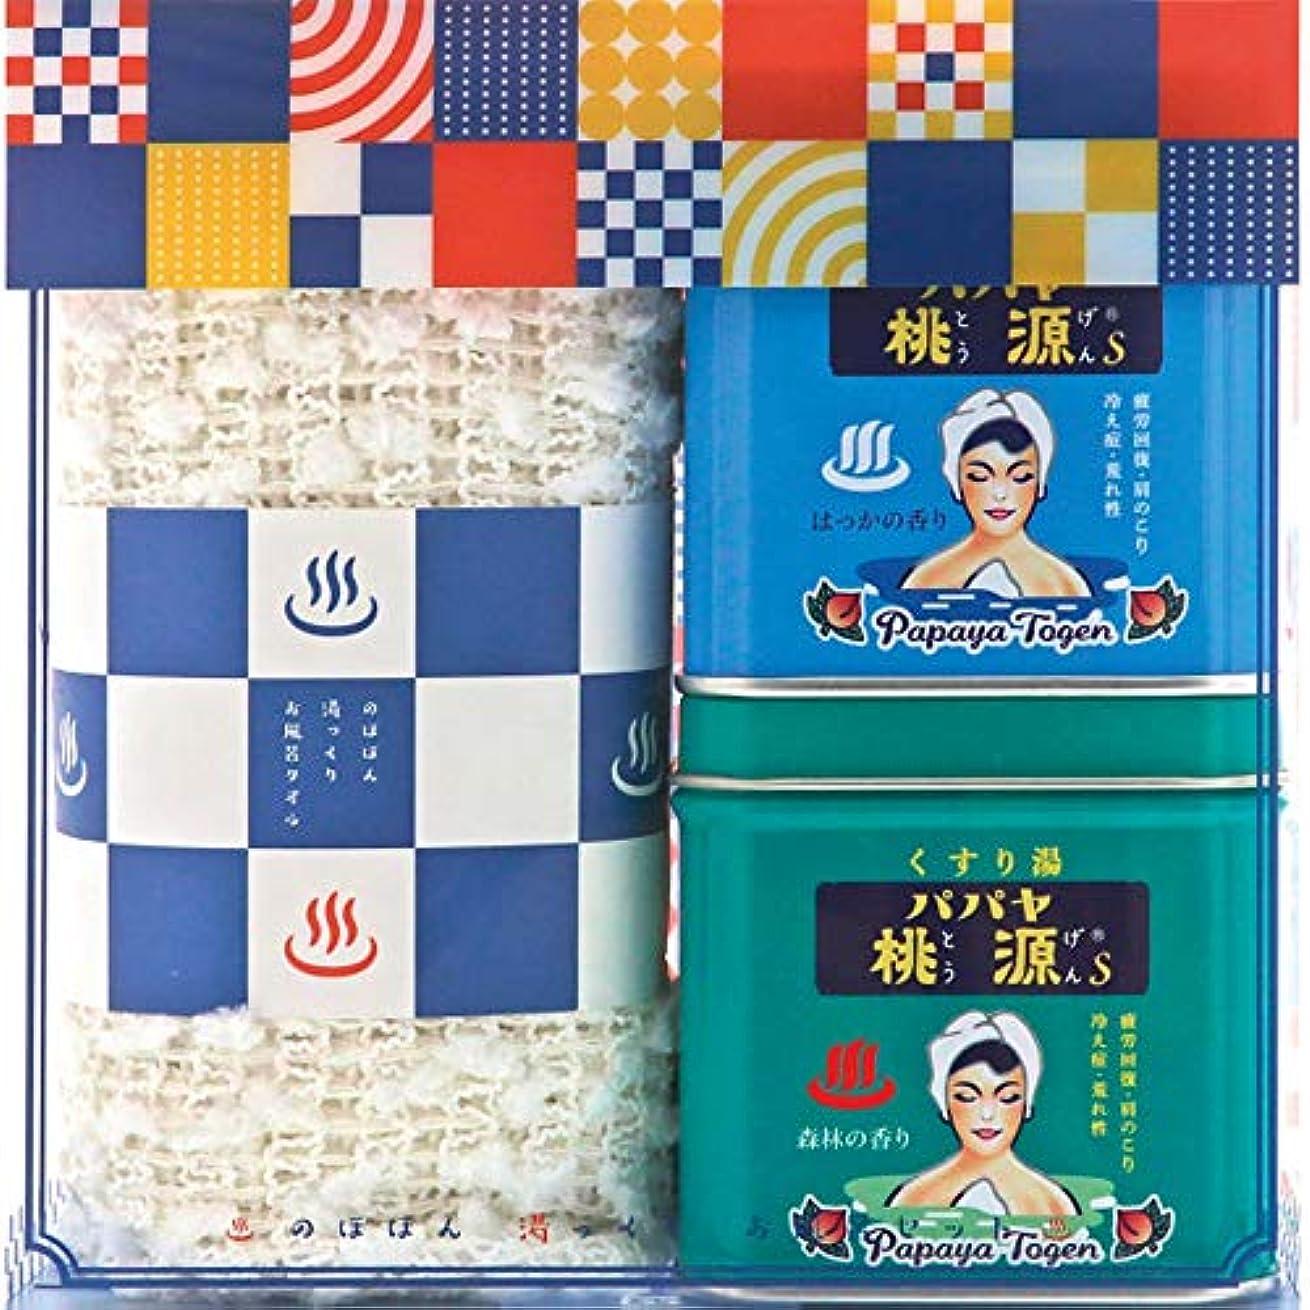 経験者タバコ散るパパヤ桃源 のほほん湯っくりお風呂セットB (五洲薬品)